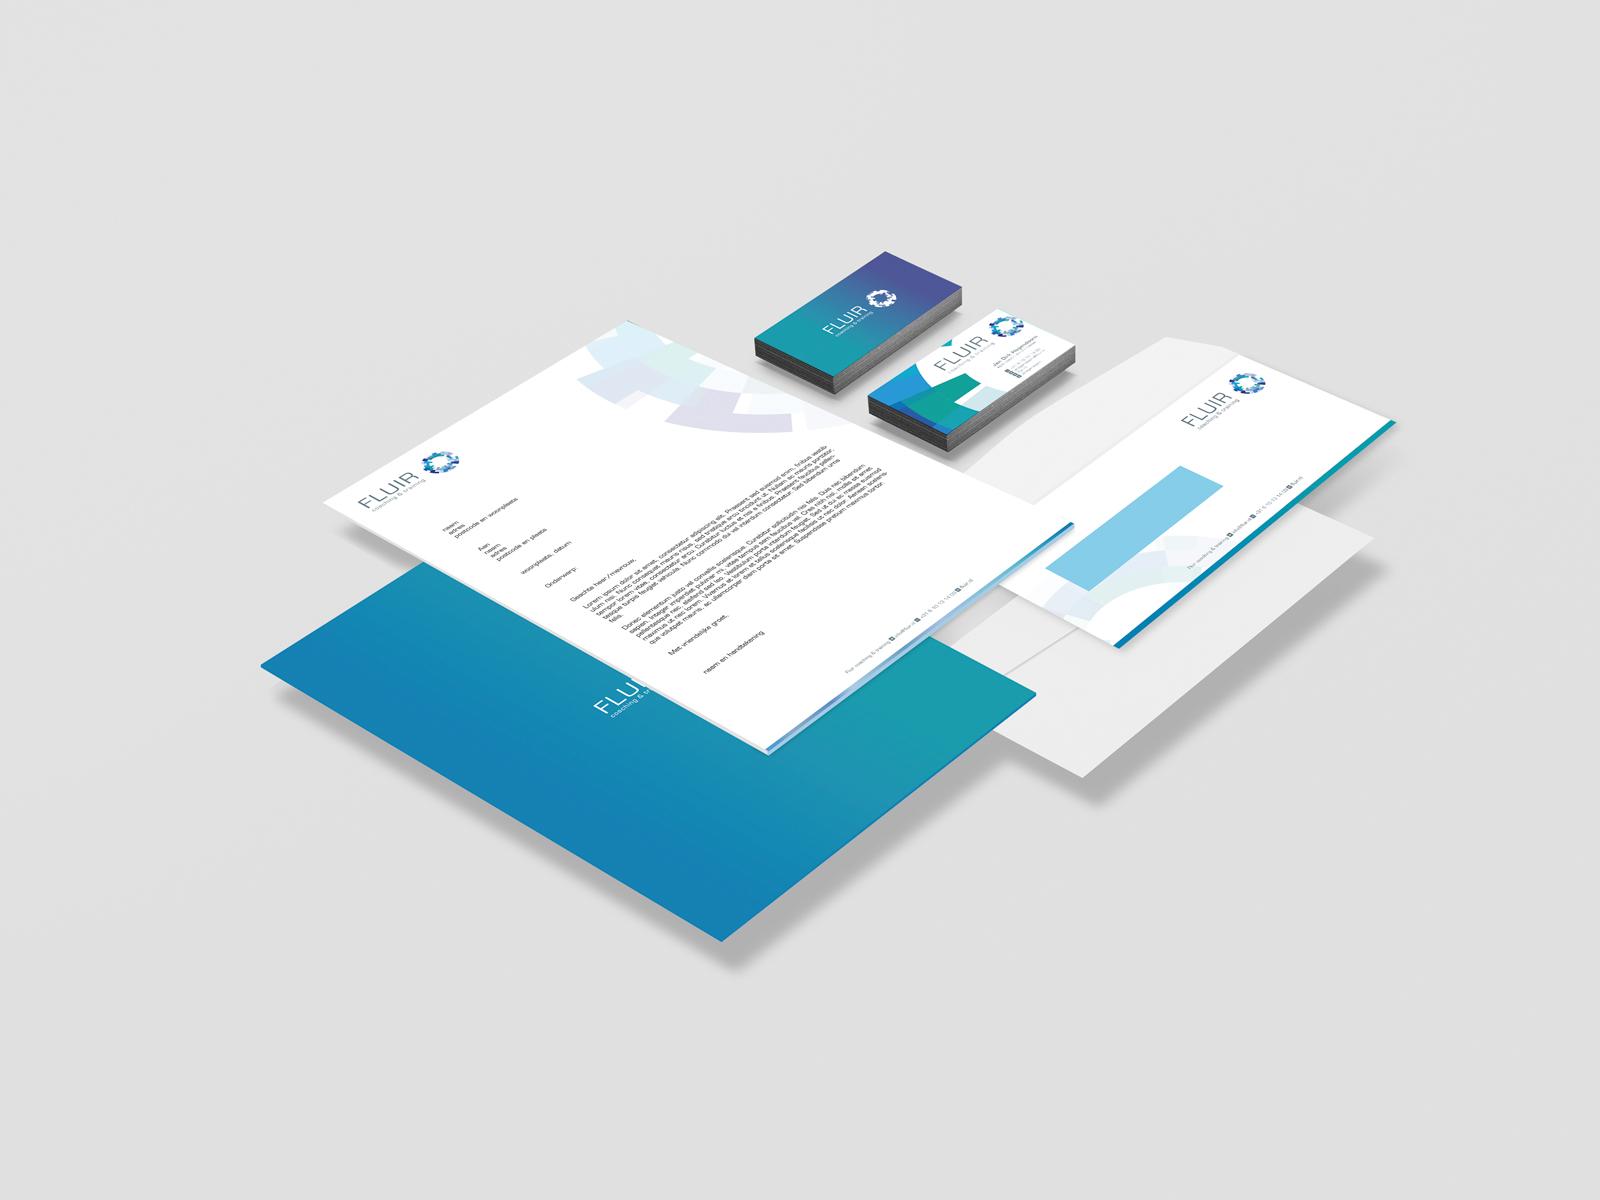 Beeldmarq - Grafische vormgeving & communicatie | Fluir Huisstijl